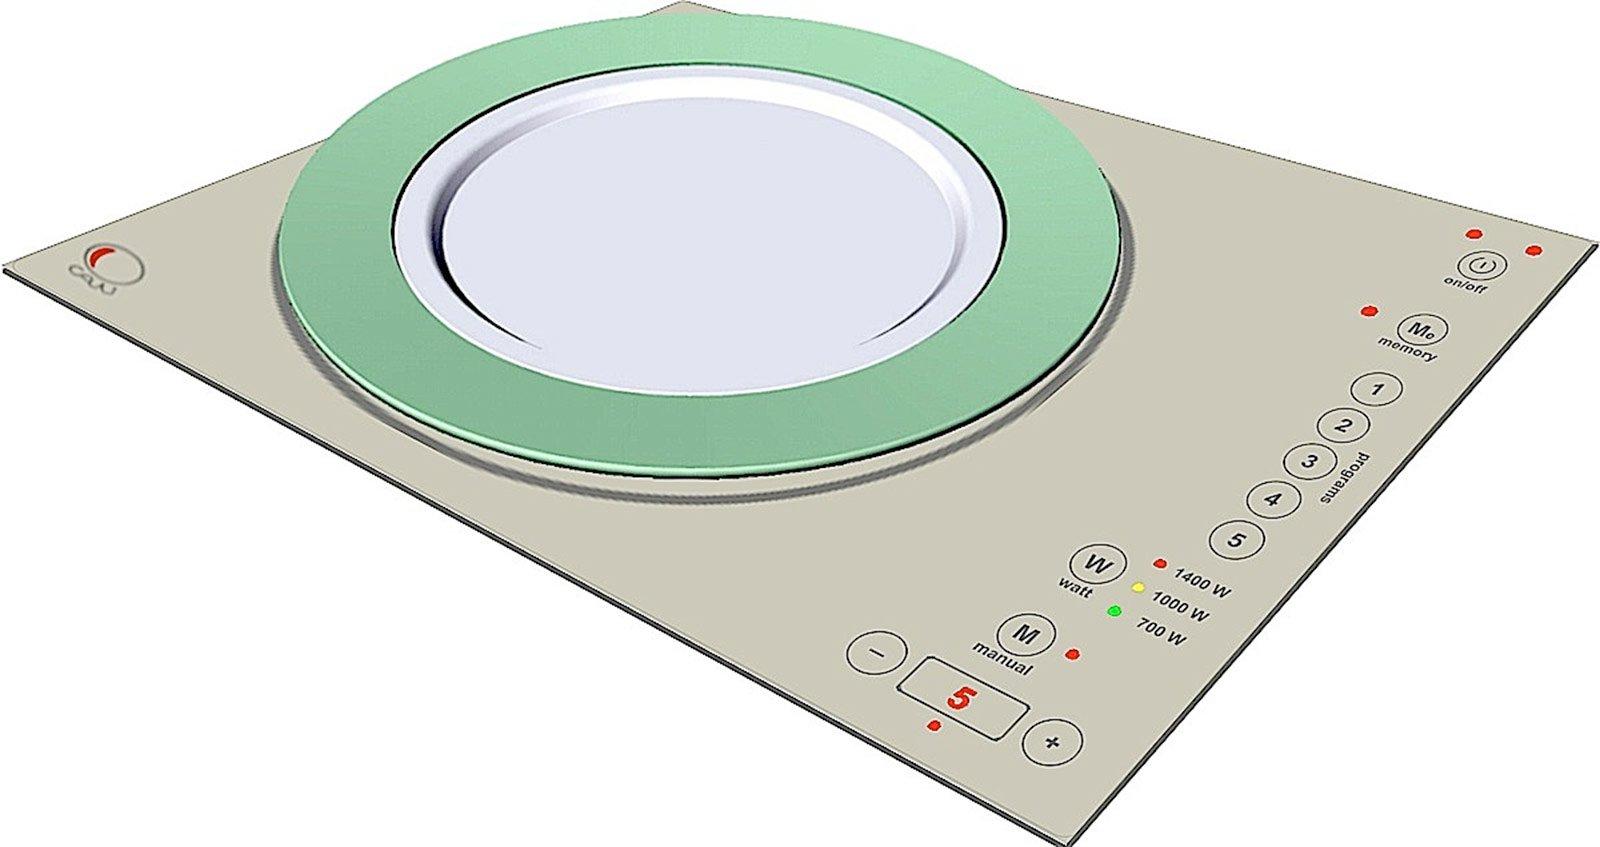 Piani cottura portatili cose di casa - Cucinare con induzione ...